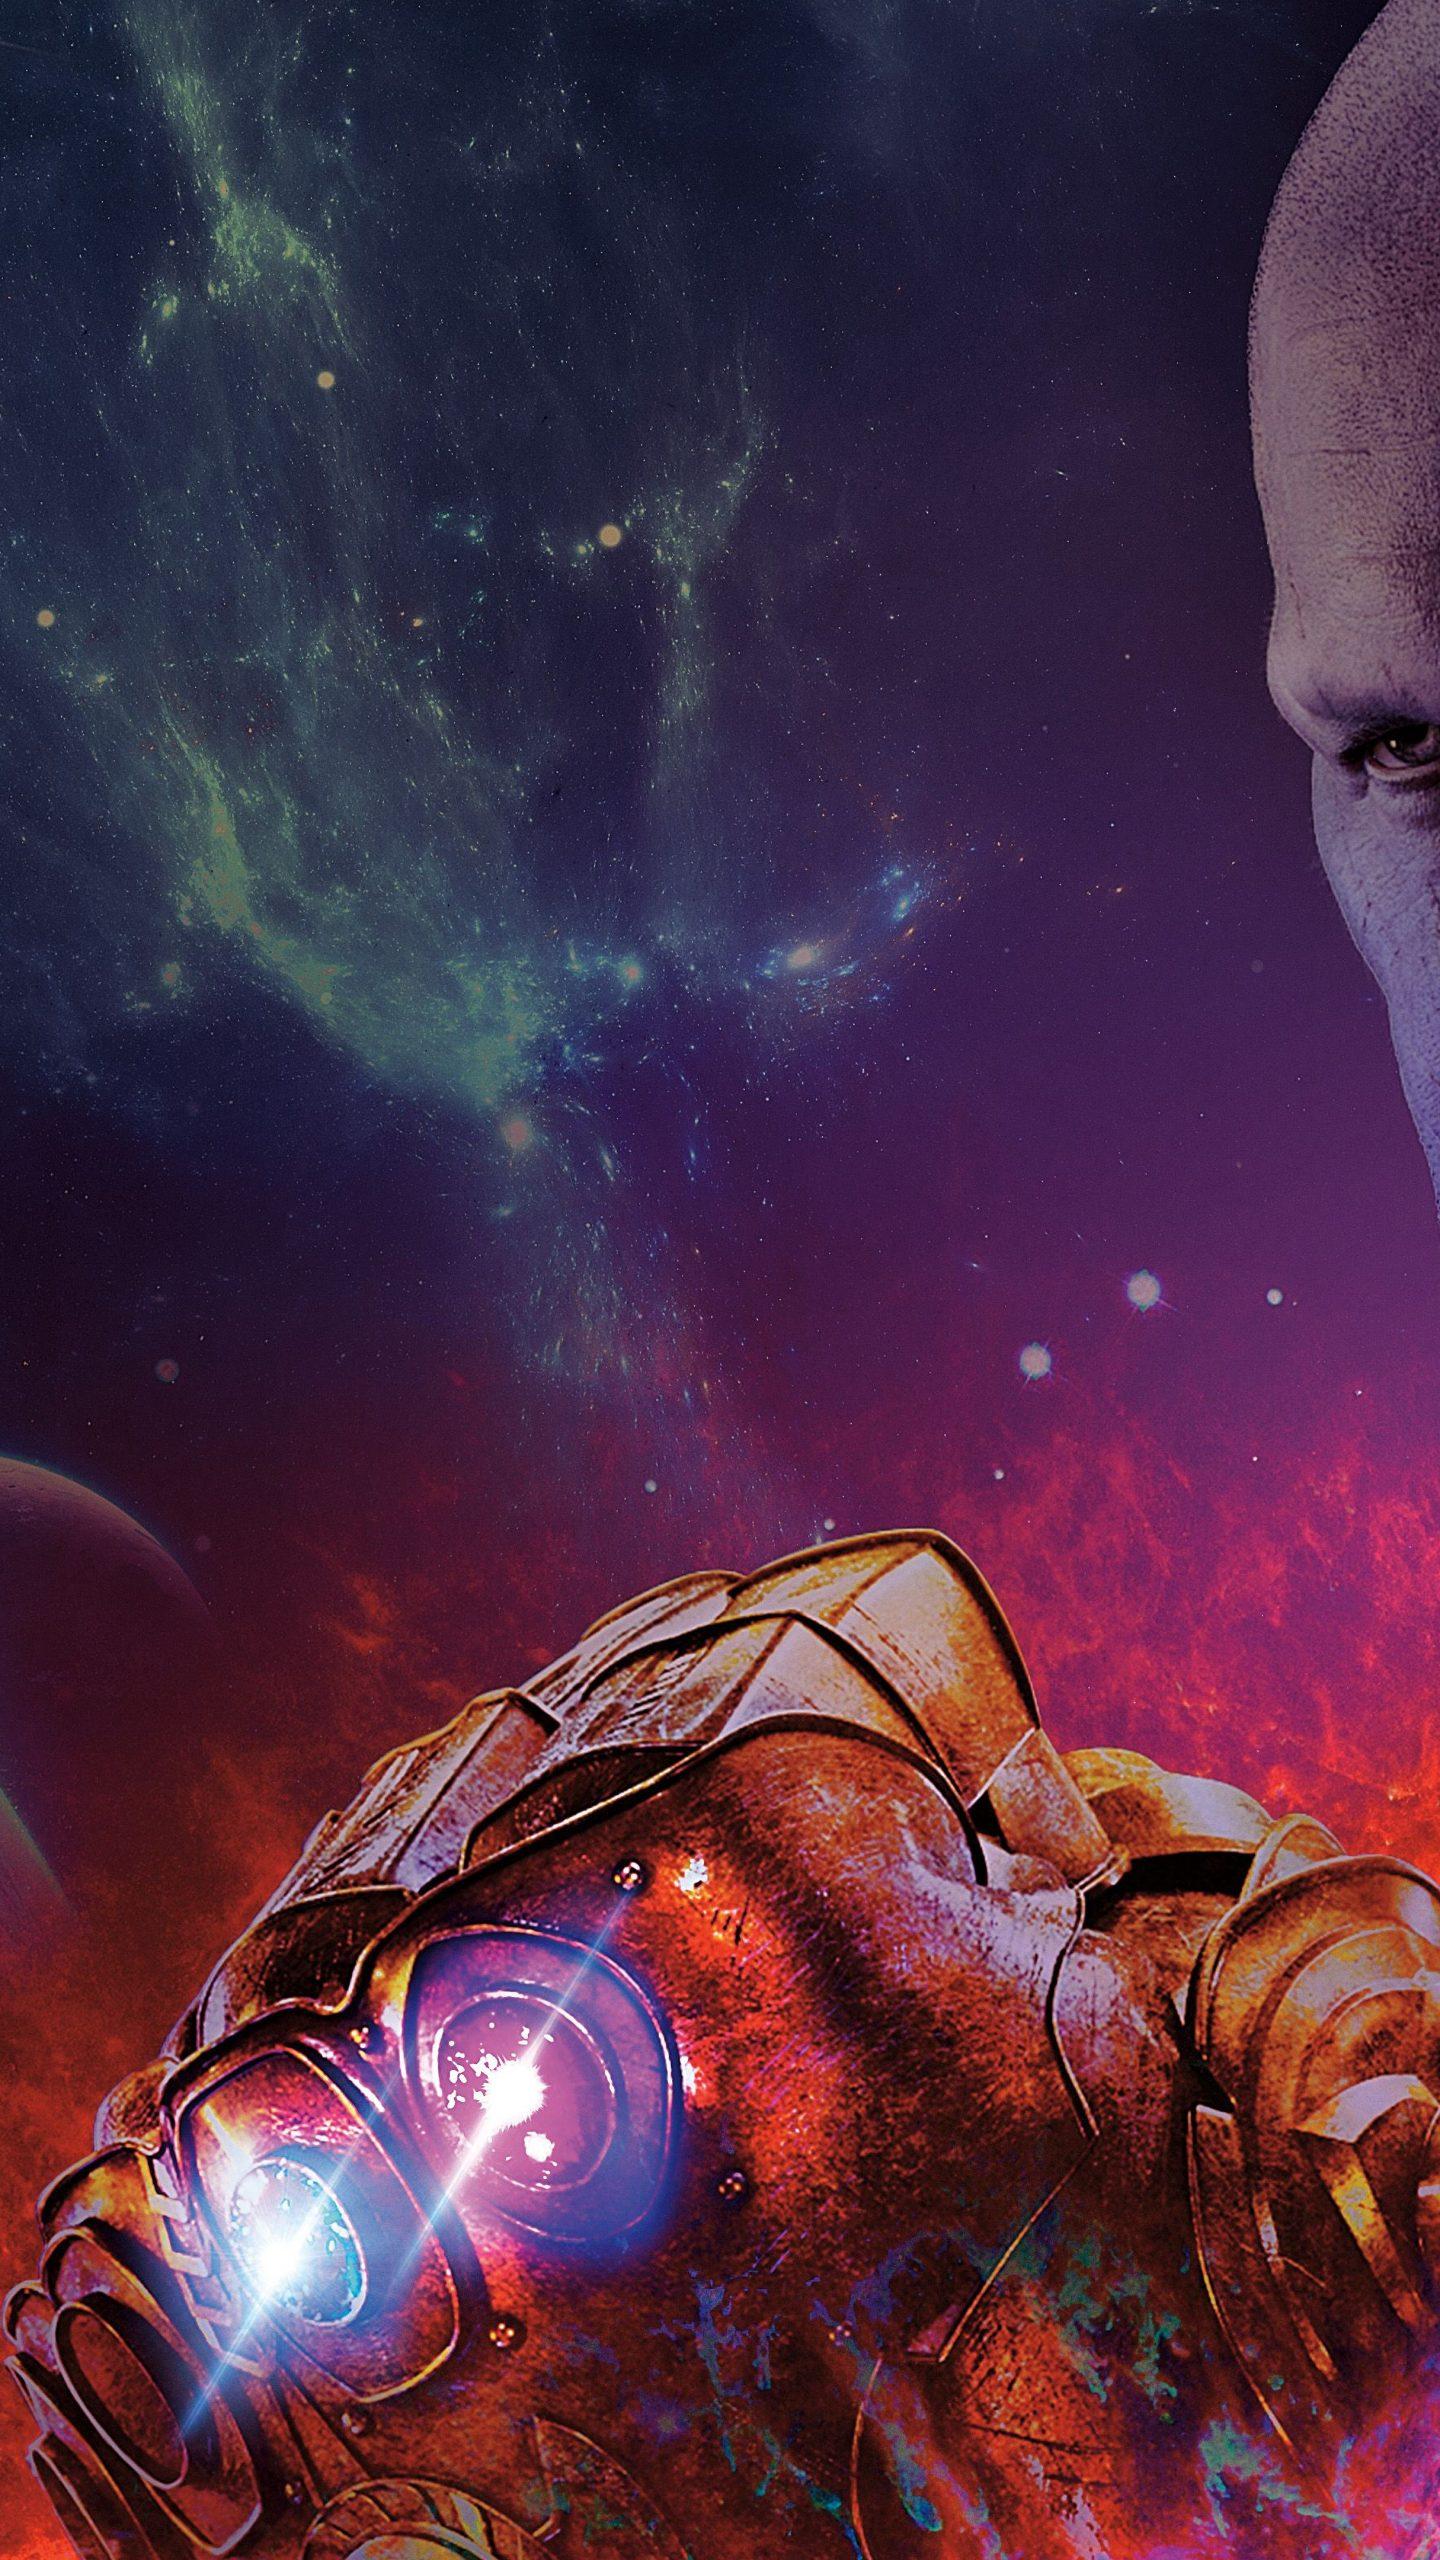 Avengers Infinity War Thanos 8k Wallpaper Best Wallpapers